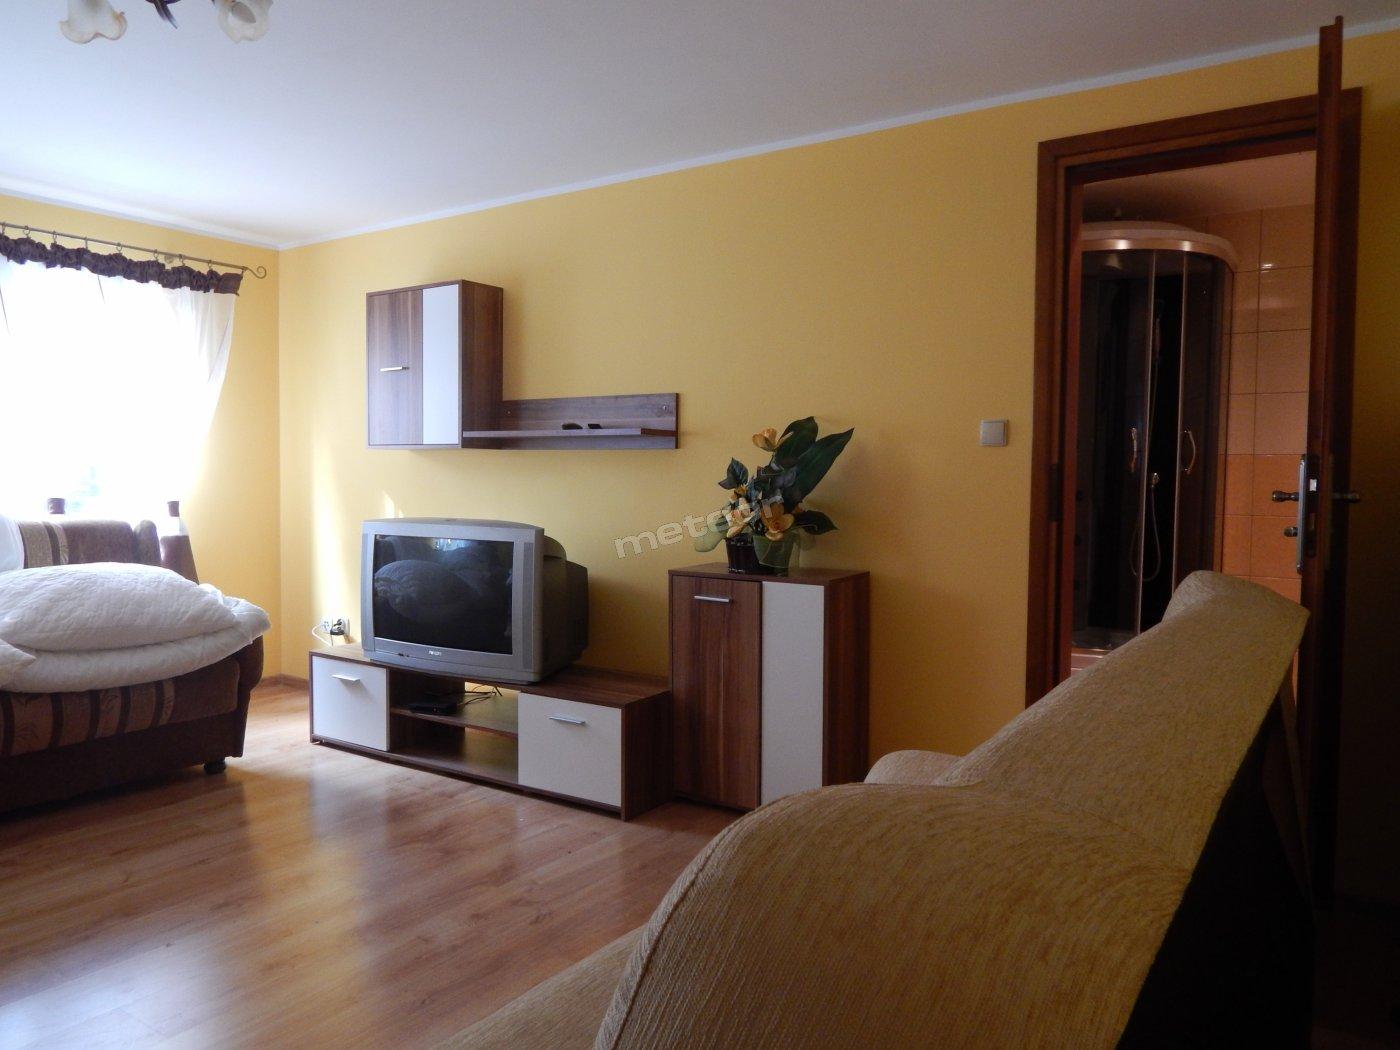 Obiekt posiada 3-pokoje 2-osobowe i 1-pokój 3-osbowy wszystkie z łazienkami, oraz kuchnia ogólnodostępna jak na fot nr 3